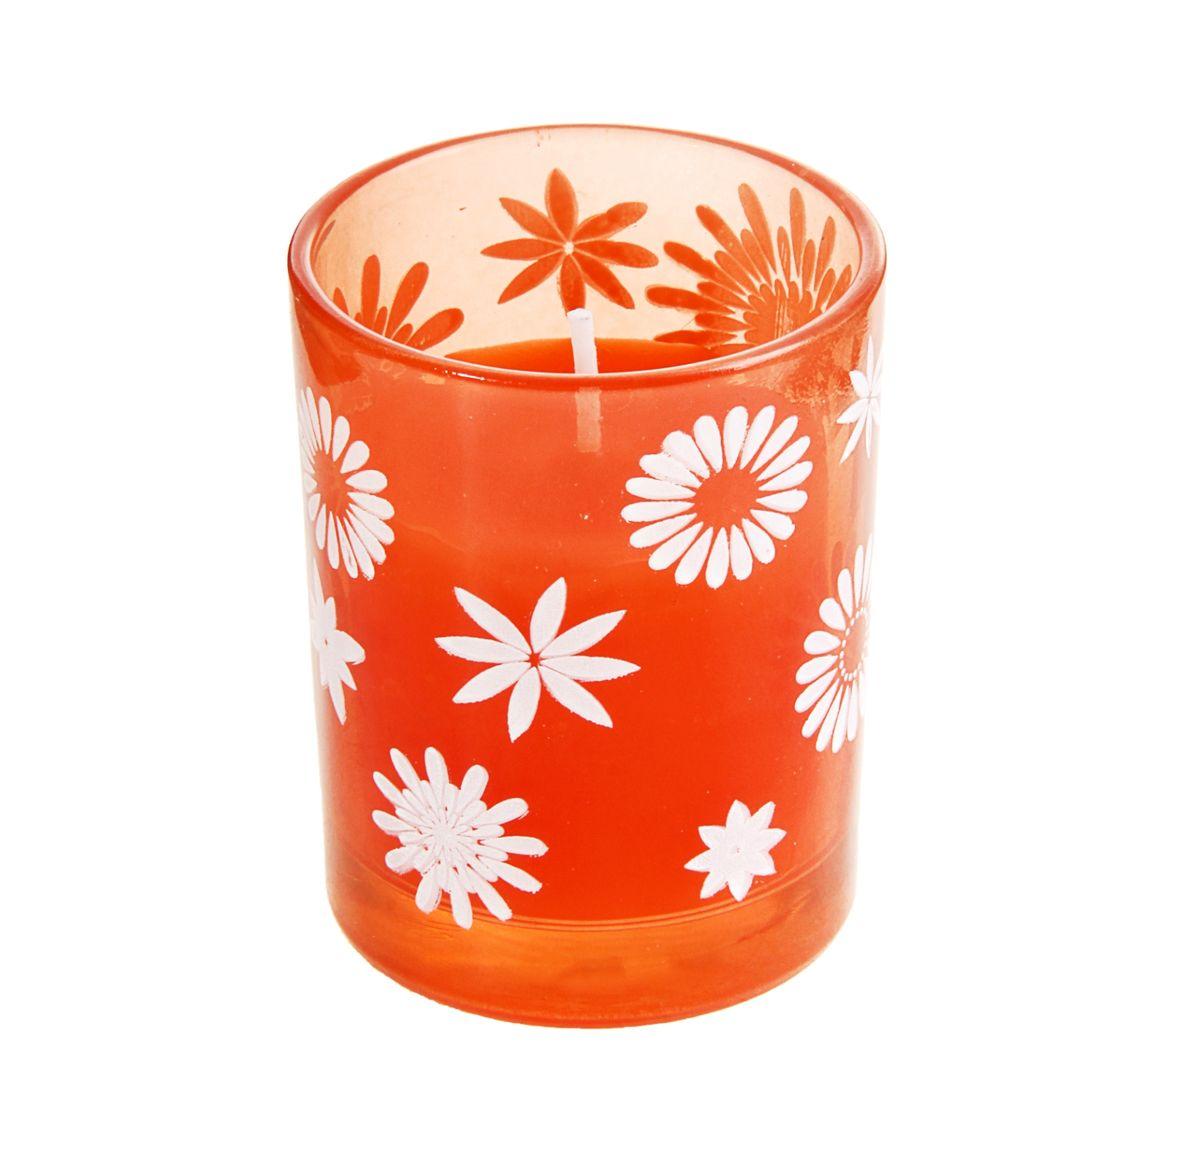 Свеча Sima-land Цветочки, цвет: оранжевый, белый, высота 6 смES-412Свеча Sima-land Цветочки изготовлена из воска и поставляется в подсвечнике в виде стеклянного стакана, оформленного изображениями цветов. Изделие отличается оригинальным дизайном и изяществом. Такая свеча может стать отличным подарком или дополнить интерьер вашей комнаты.